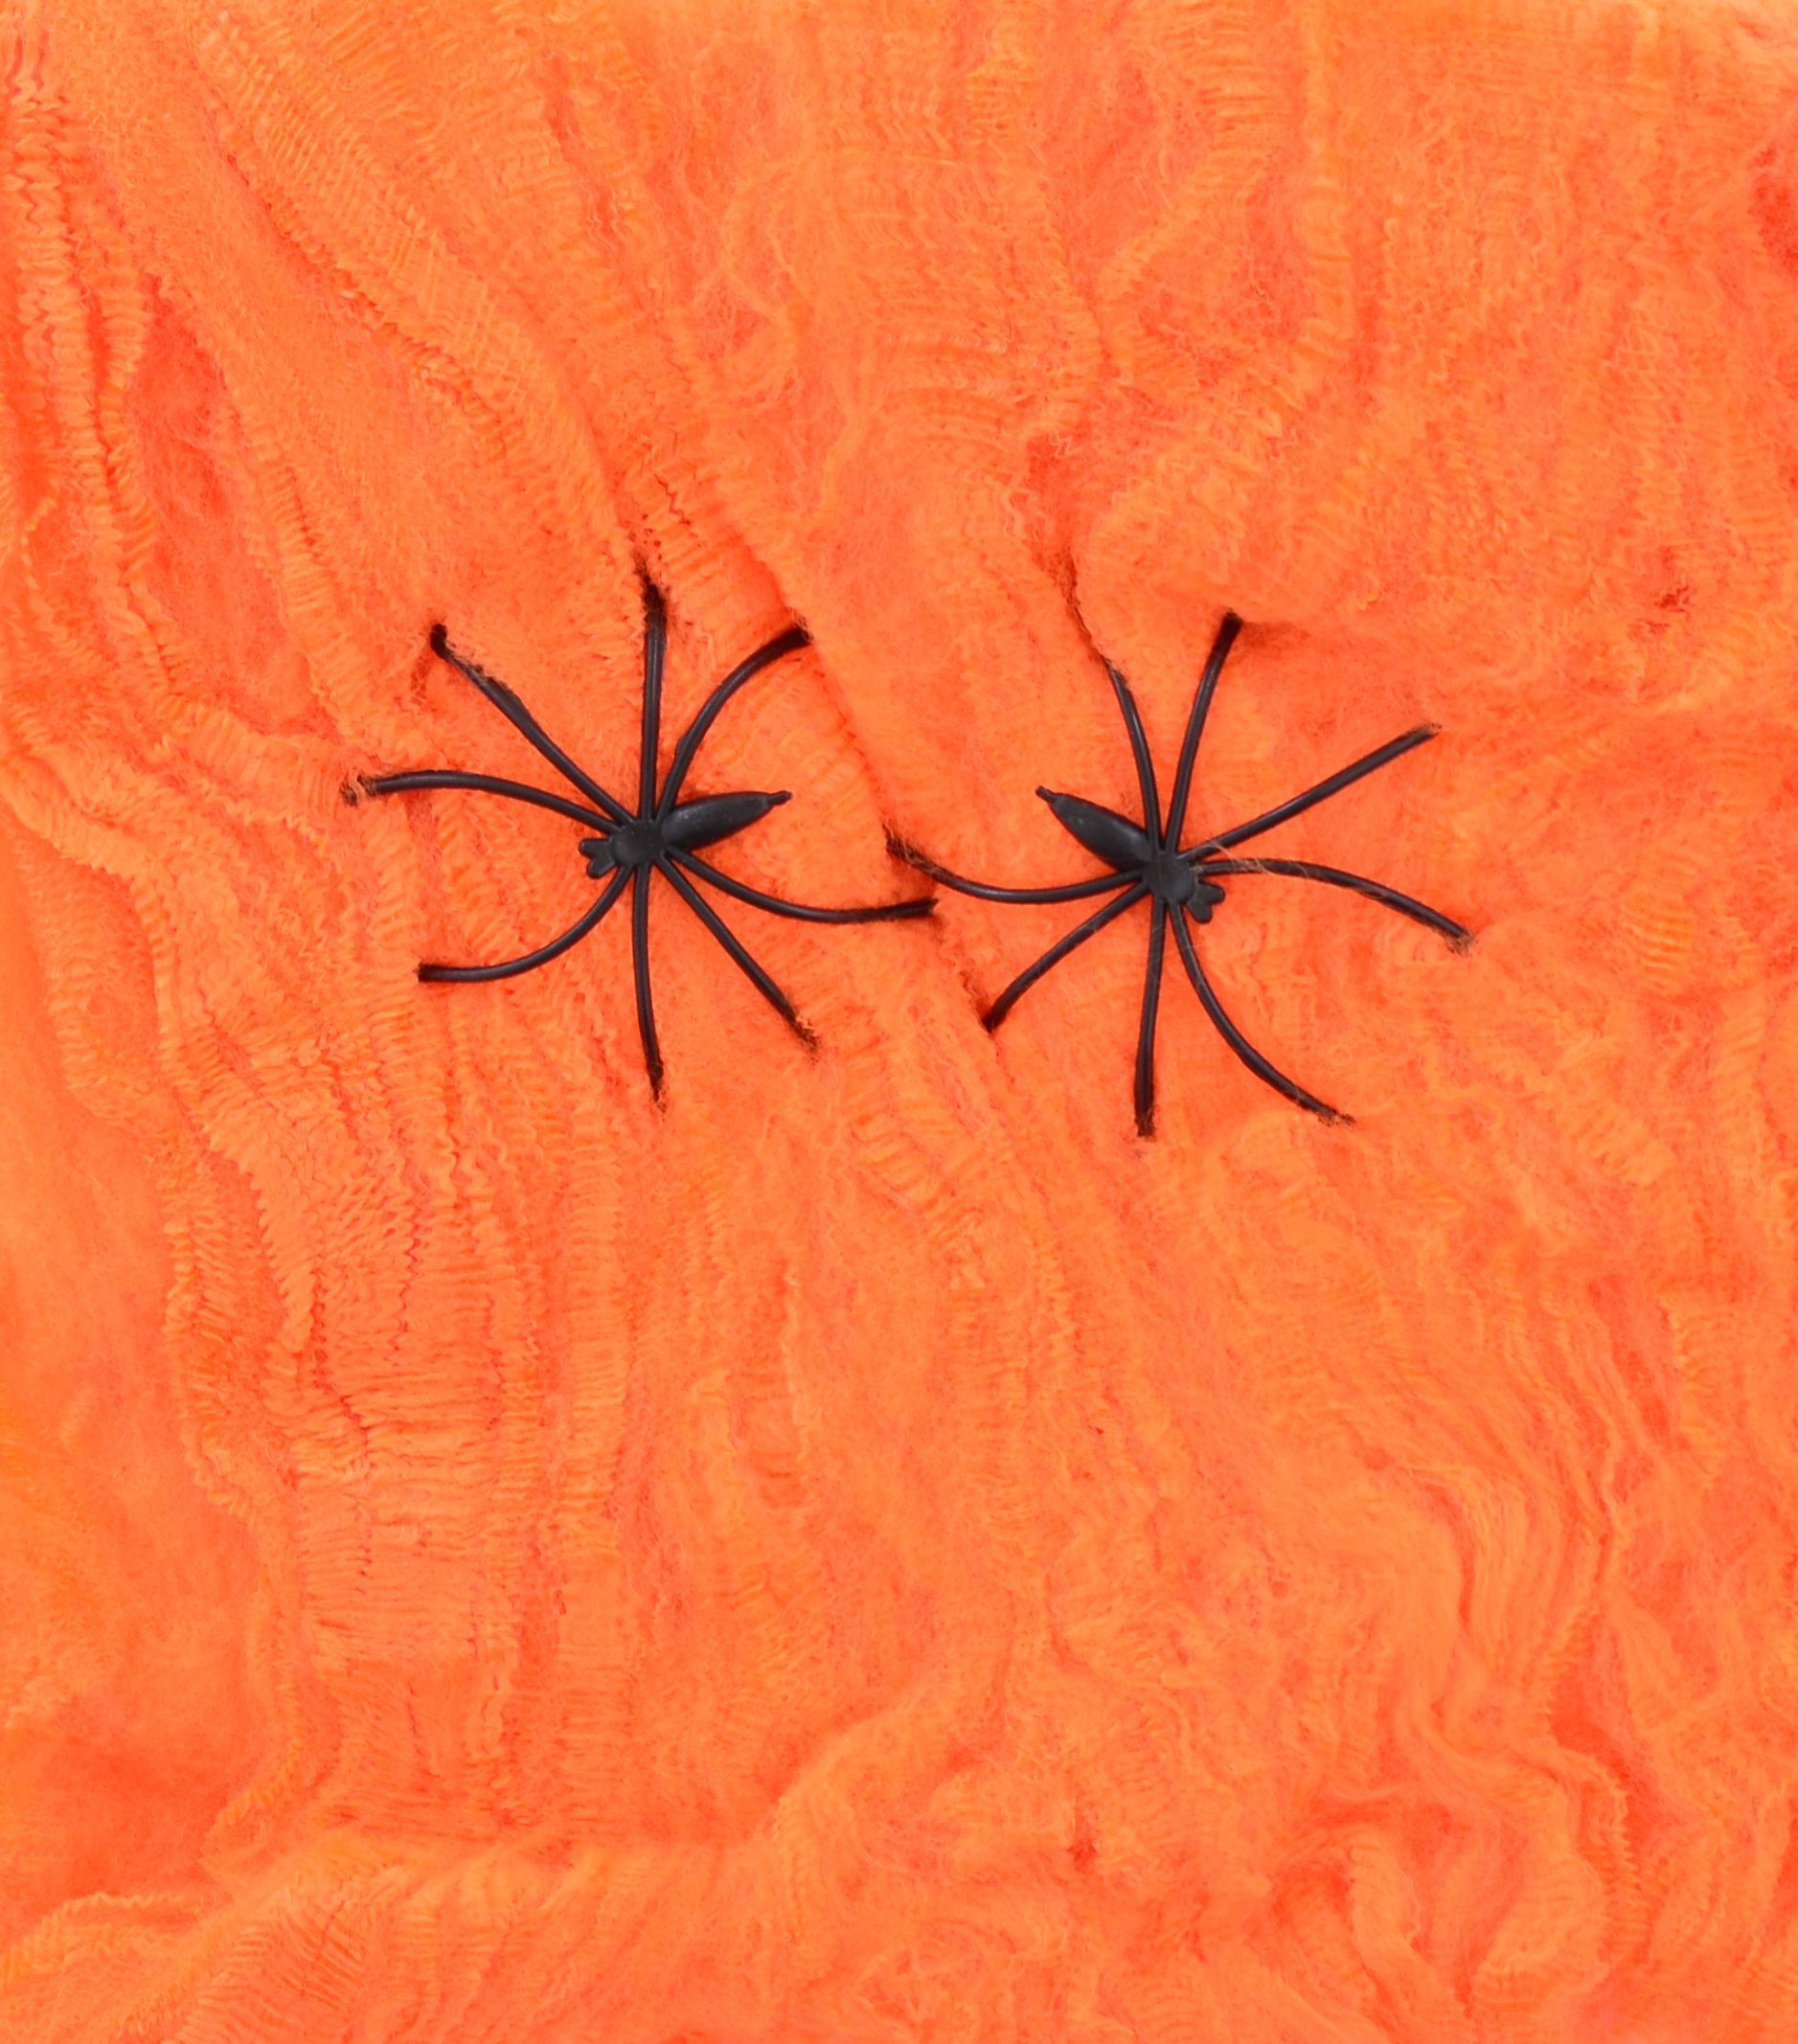 Паутина YES! Fun оранжевая с двумя паучками, 20 г